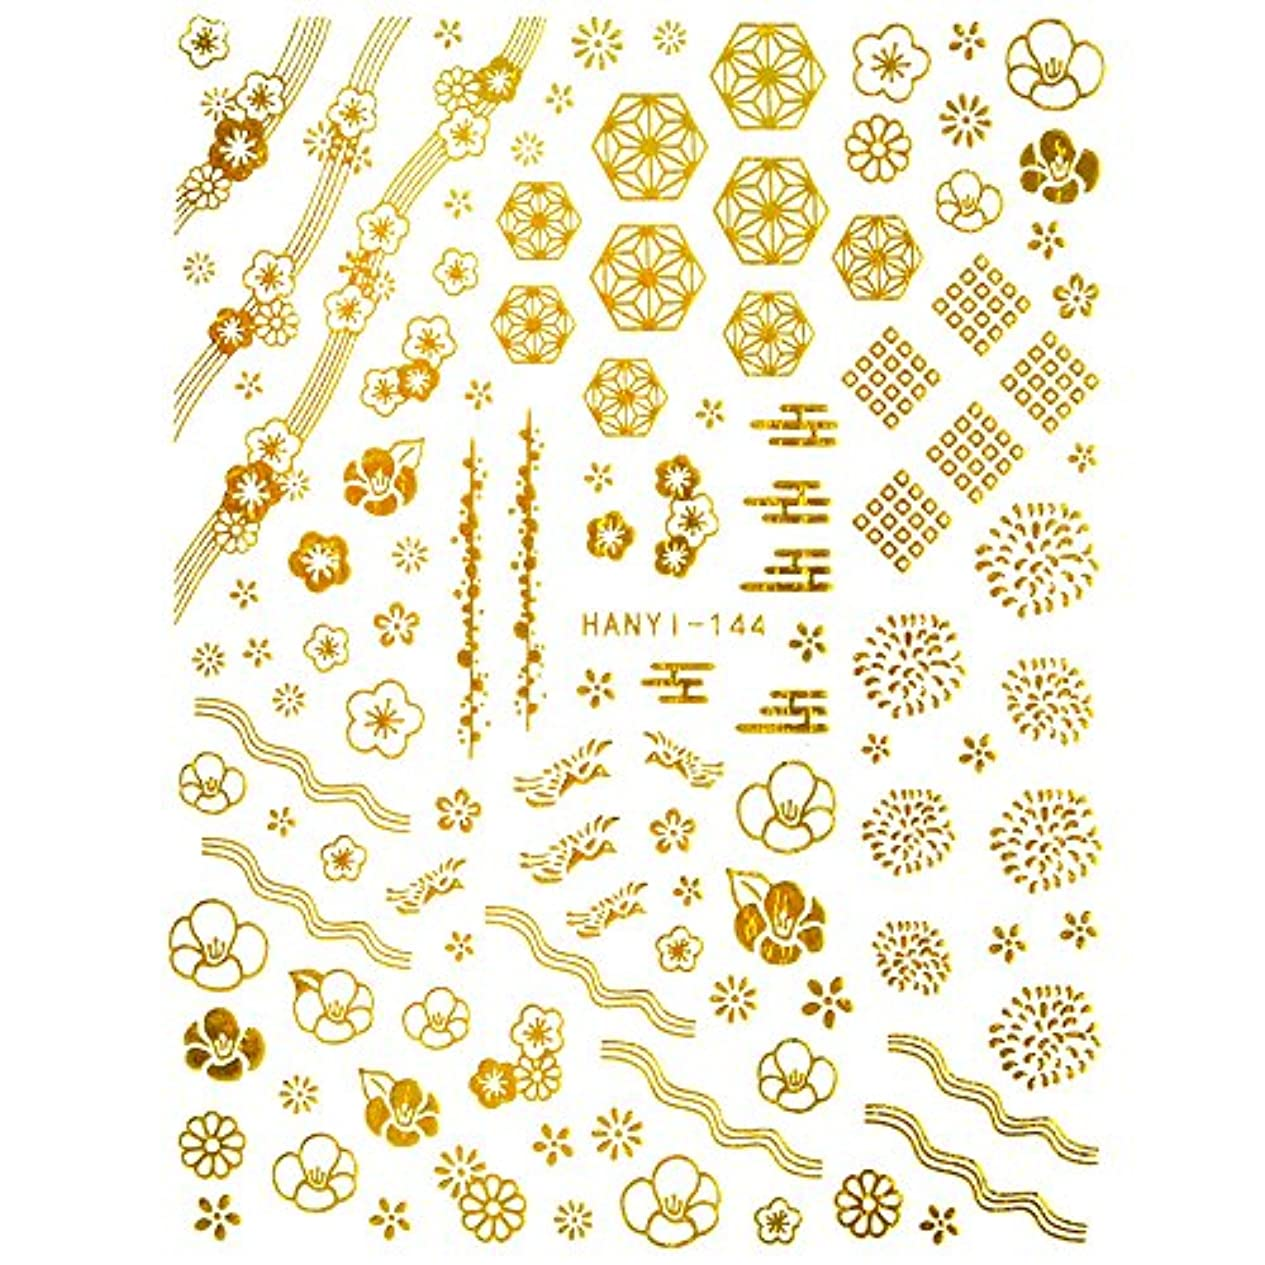 展開するビクターポール【HANYI-144】金和花 ネイルシール 箔和柄 和柄 フラワー 花 金箔 お正月 成人式 和風